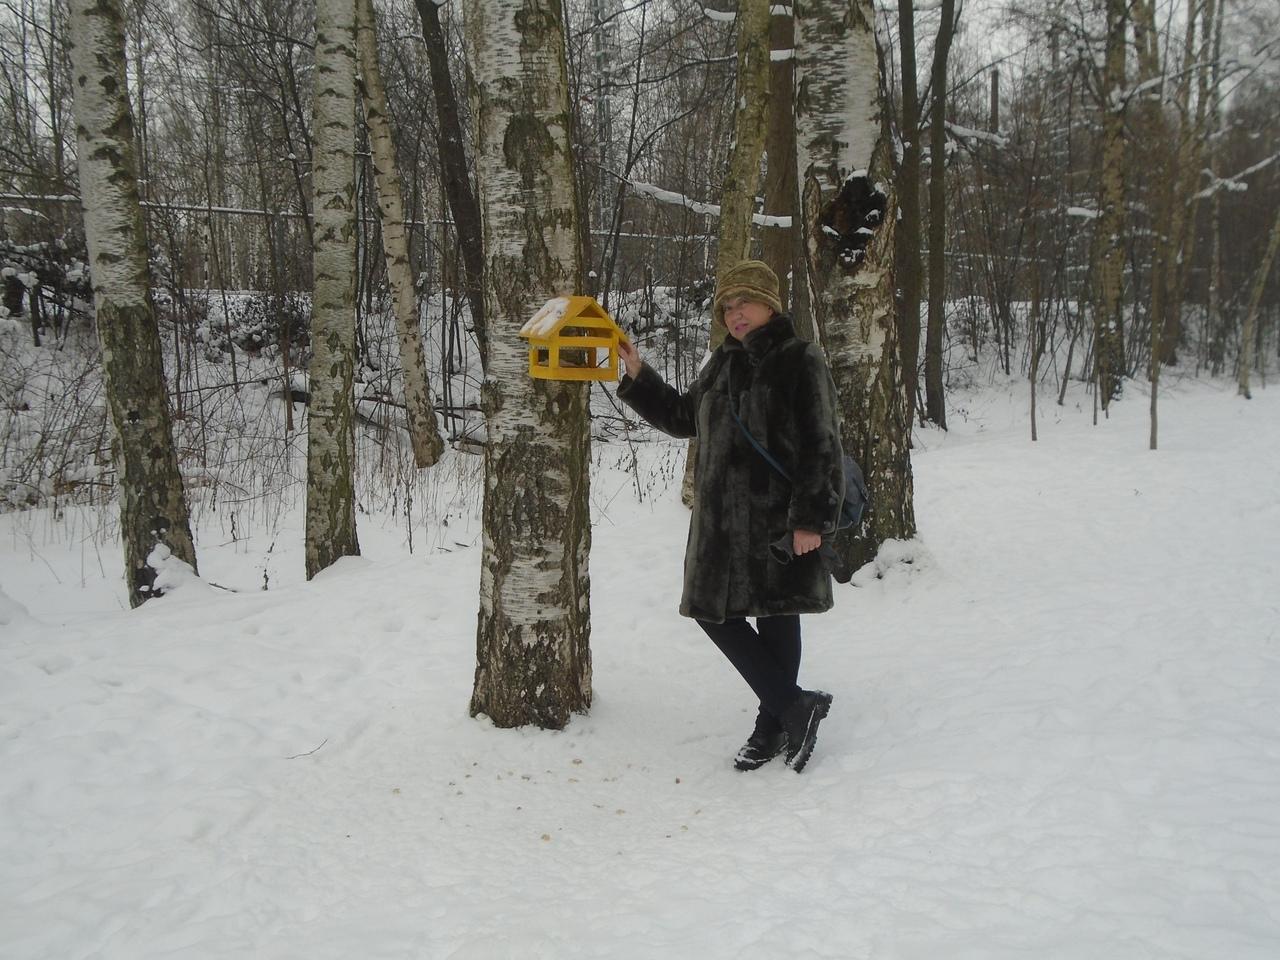 Удельный парк - самый северный парк Петербурга